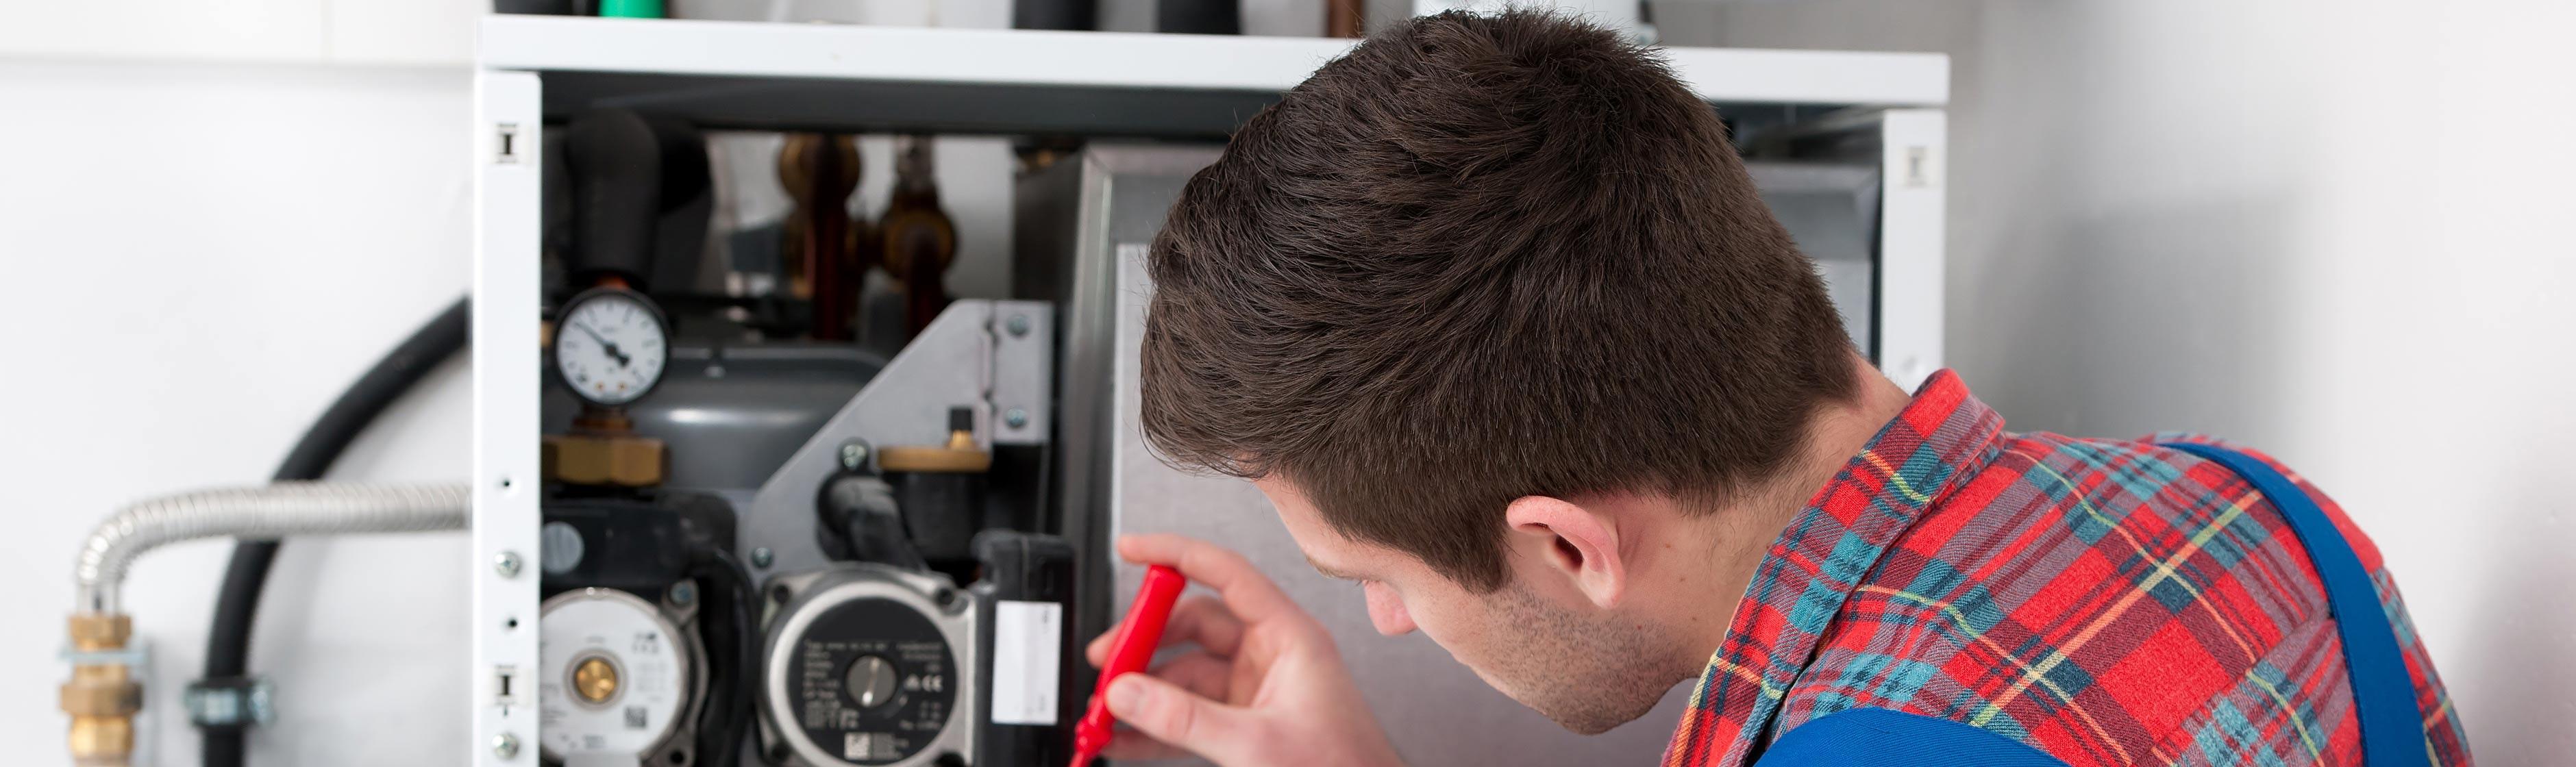 CV-ketelmonteur pleegt onderhoud aan cv-ketel